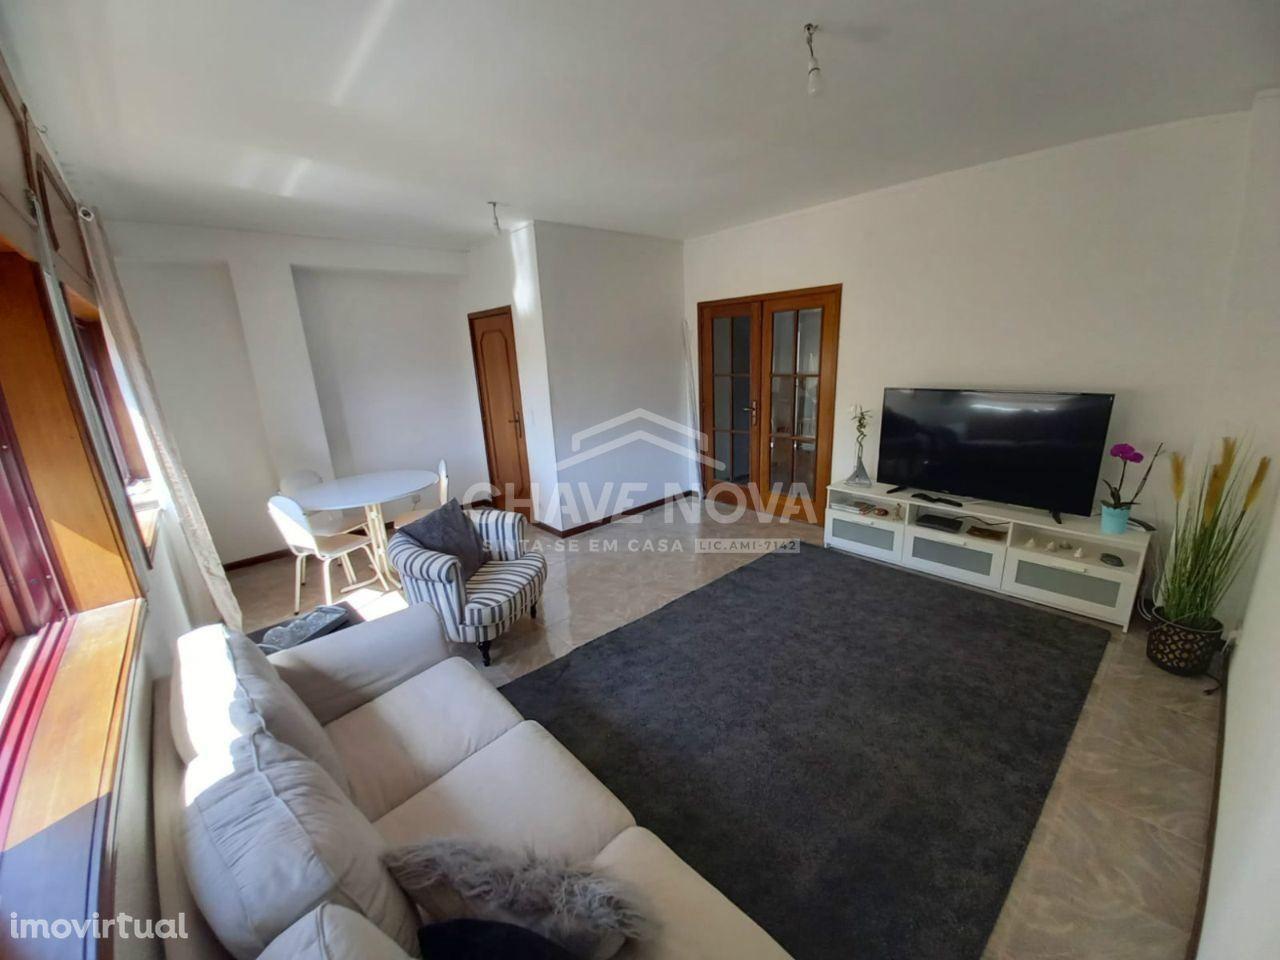 Ótimo T2, 2 WC, com 80 m² em Paço de Rei, Mafamude, Vila Nova de Gaia